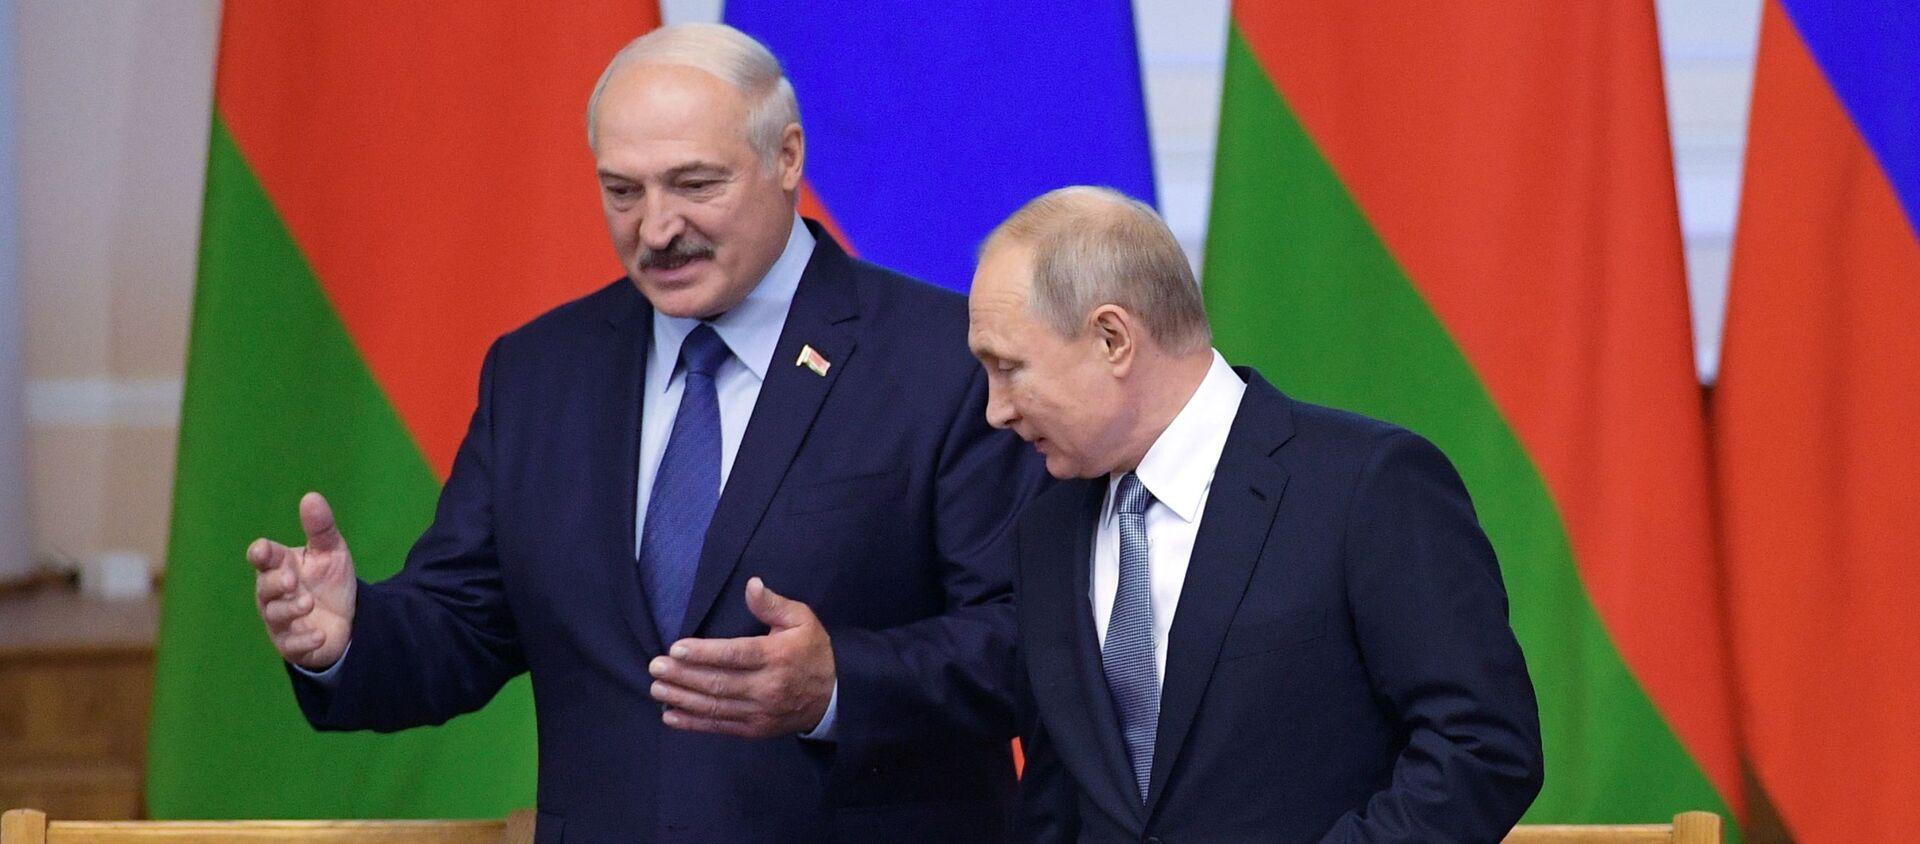 Президент РФ Владимир Путин и президент Беларуси Александр Лукашенко - Sputnik Беларусь, 1920, 18.02.2021